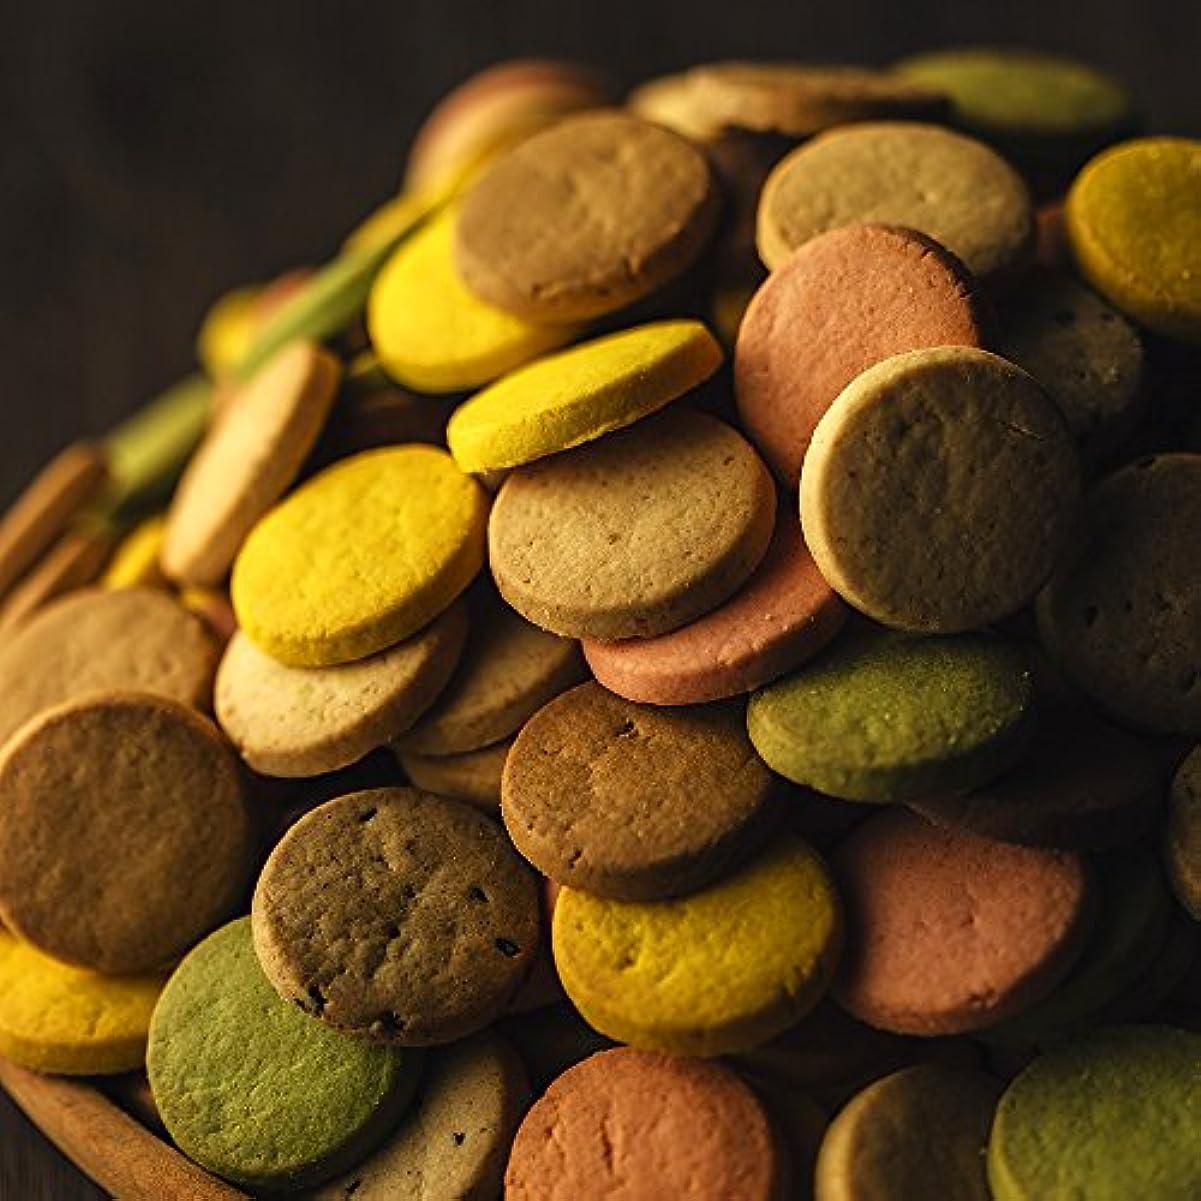 広くサイトチーフ豆乳おからクッキー蒟蒻マンナン入り 1kg